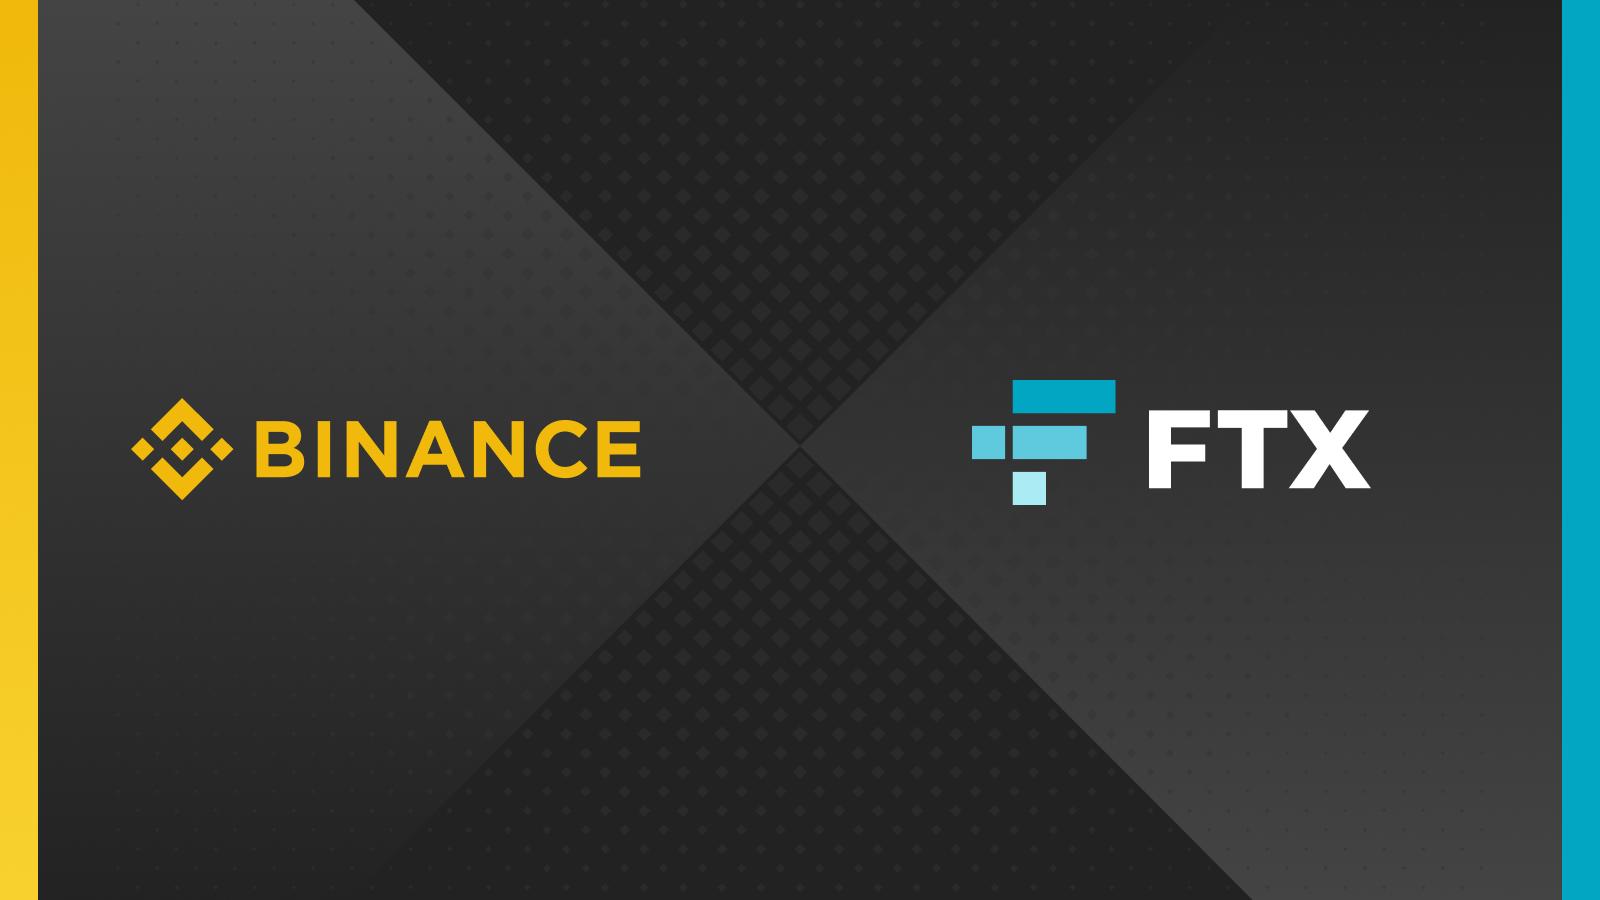 比特币新闻-币安宣布战略投资数字资产衍生品平台FTX,在衍生品市场进一步壮大阵地